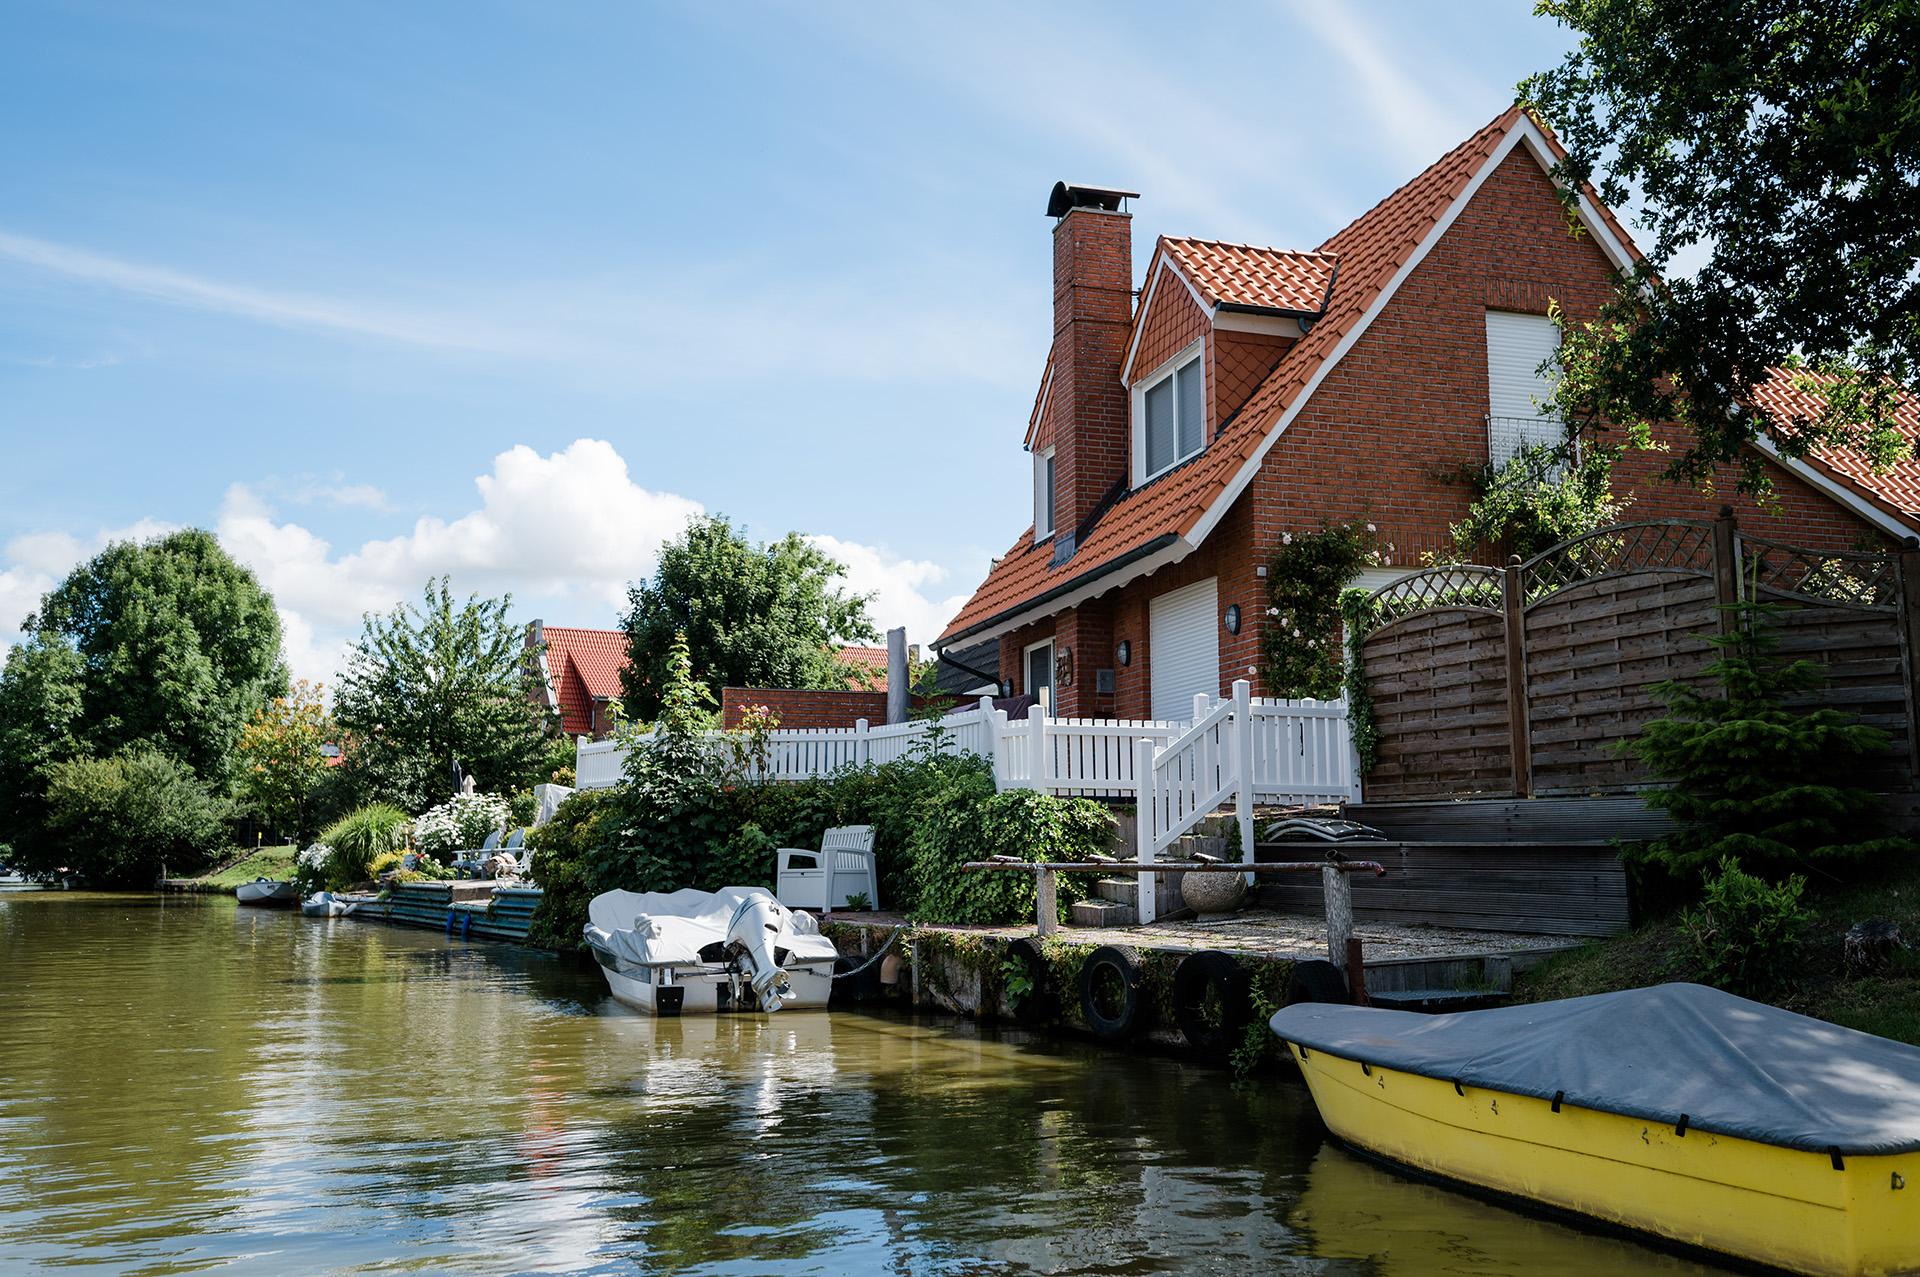 Greetsiel, Kanal-Bootsfahrt